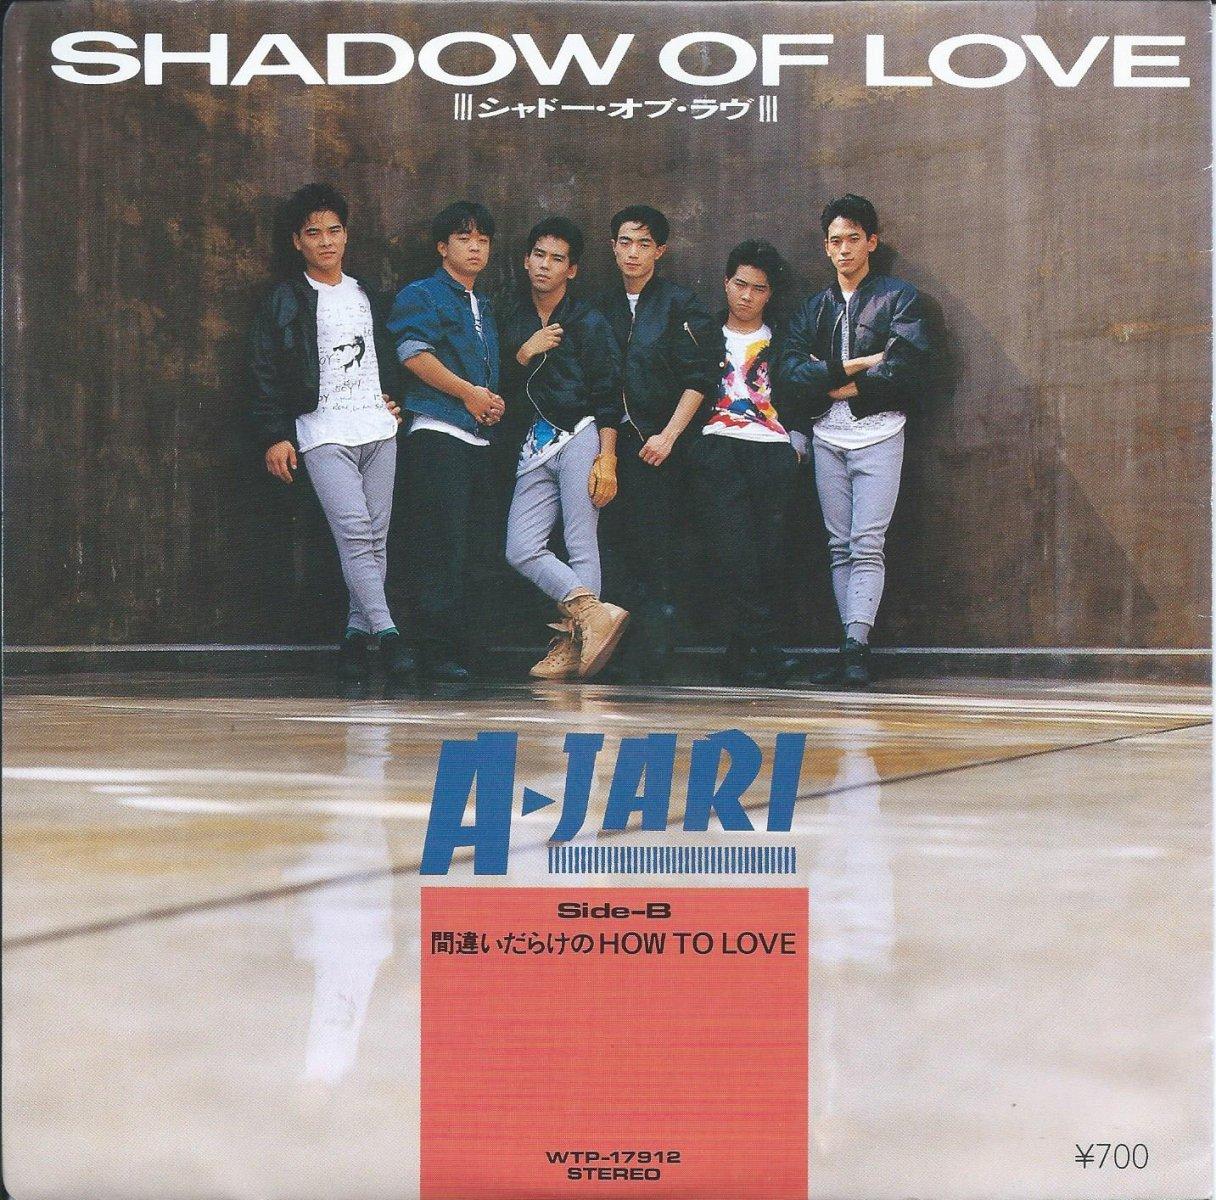 アジャリ A-JARI / シャドー・オブ・ラヴ SHADOW OF LOVE (林哲司) / 間違いだらけのHOW TO LOVE (7